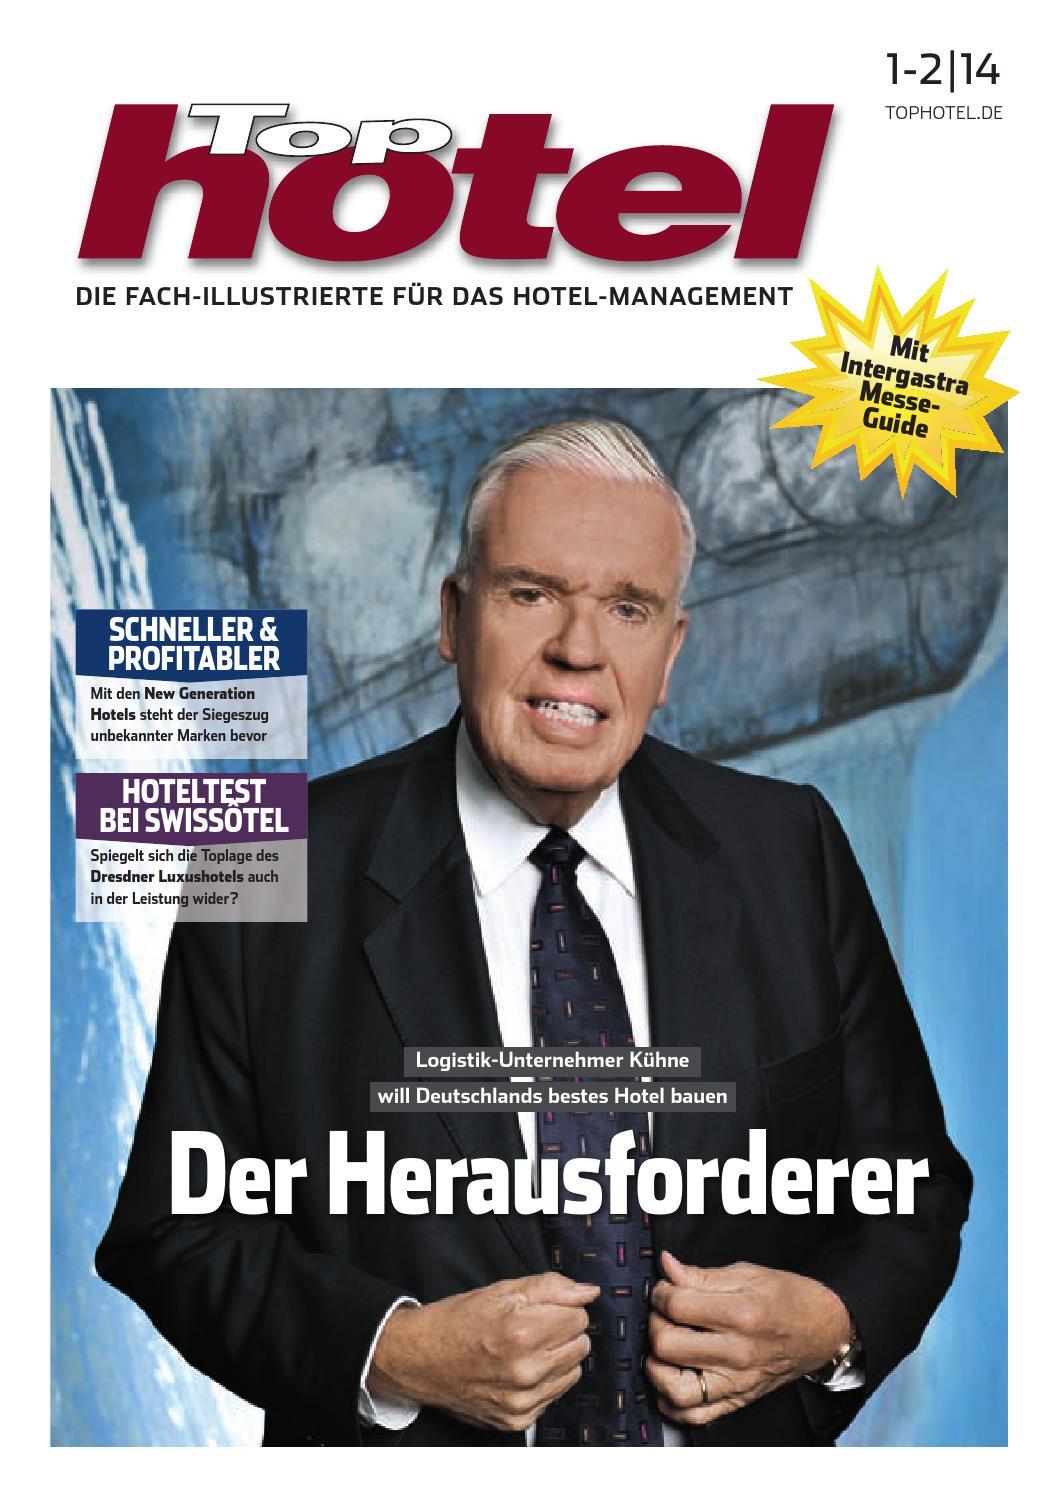 Tophotel 3.14 by freizeit verlag landsberg gmbh   issuu